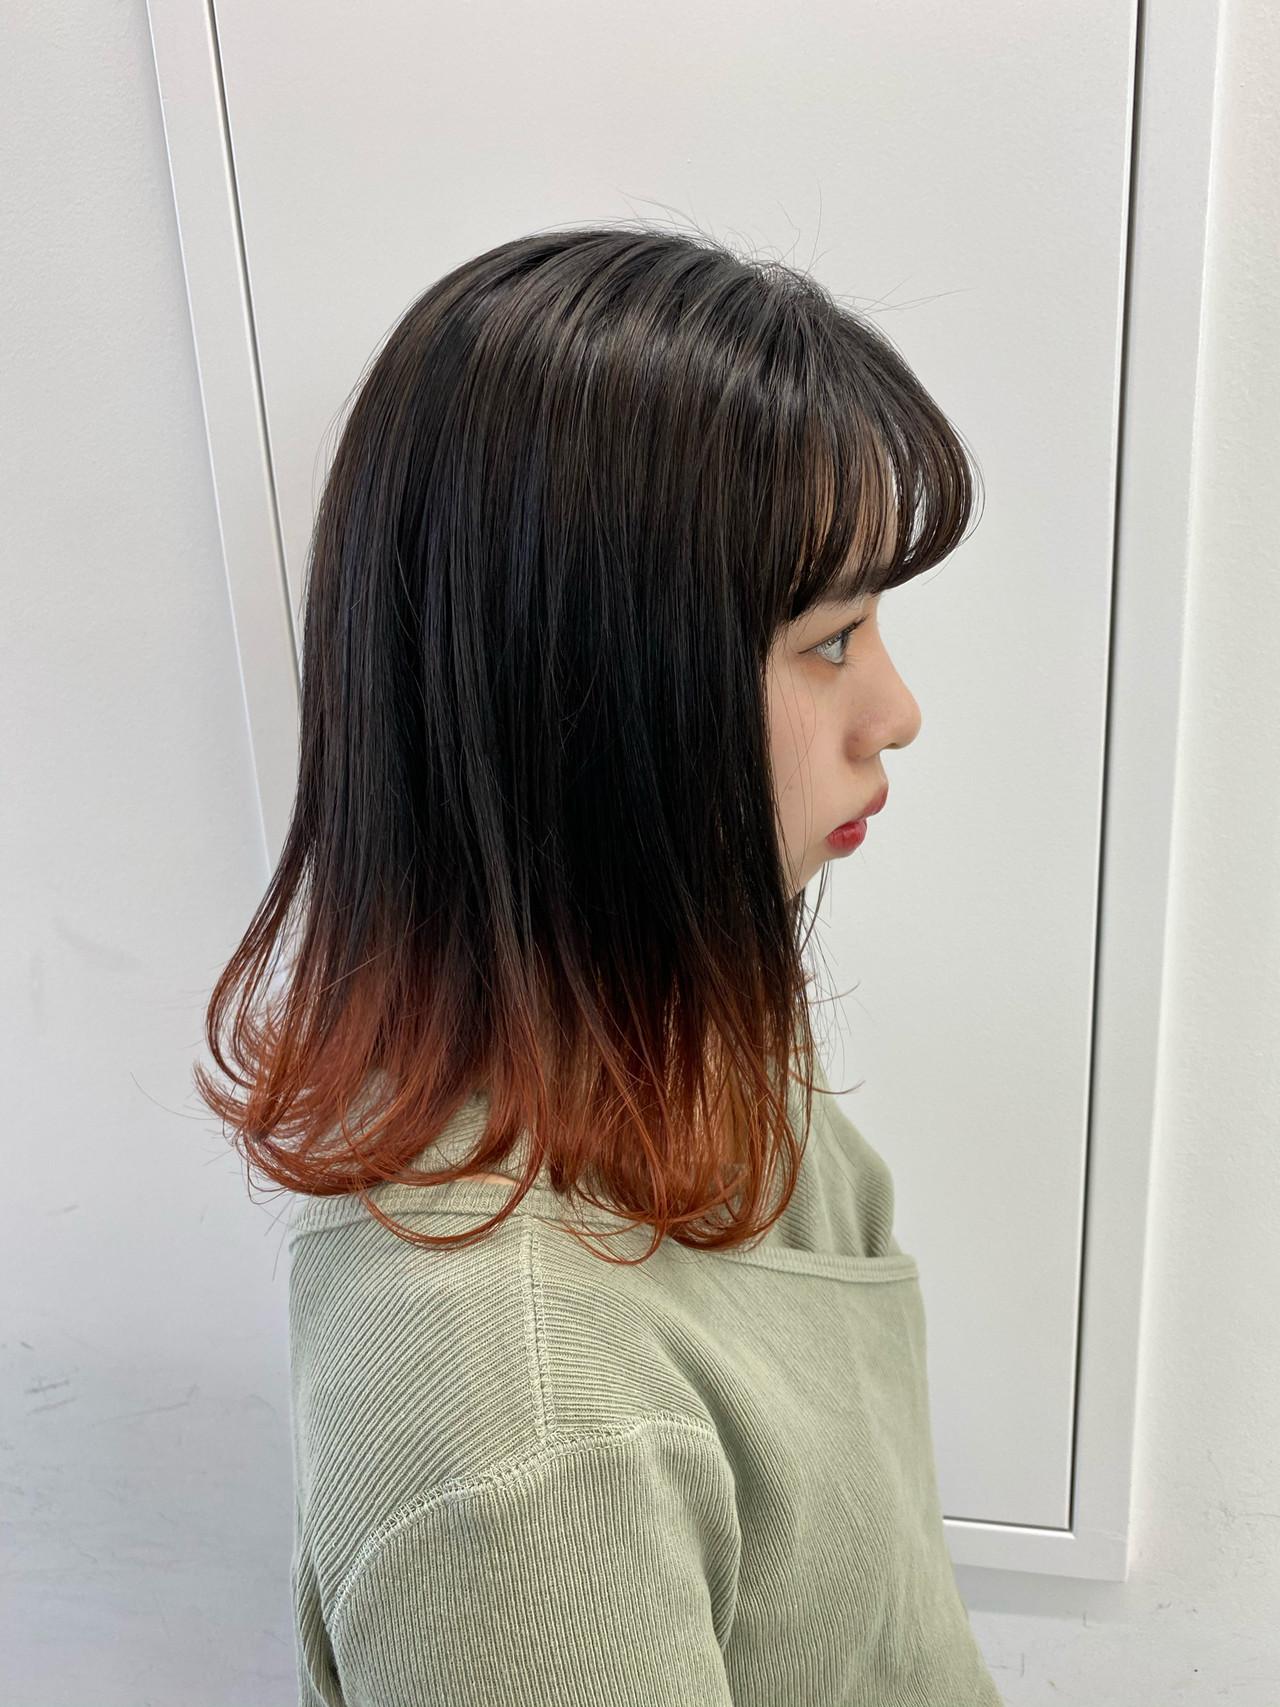 モテ髪 オレンジカラー ミディアム 春 ヘアスタイルや髪型の写真・画像